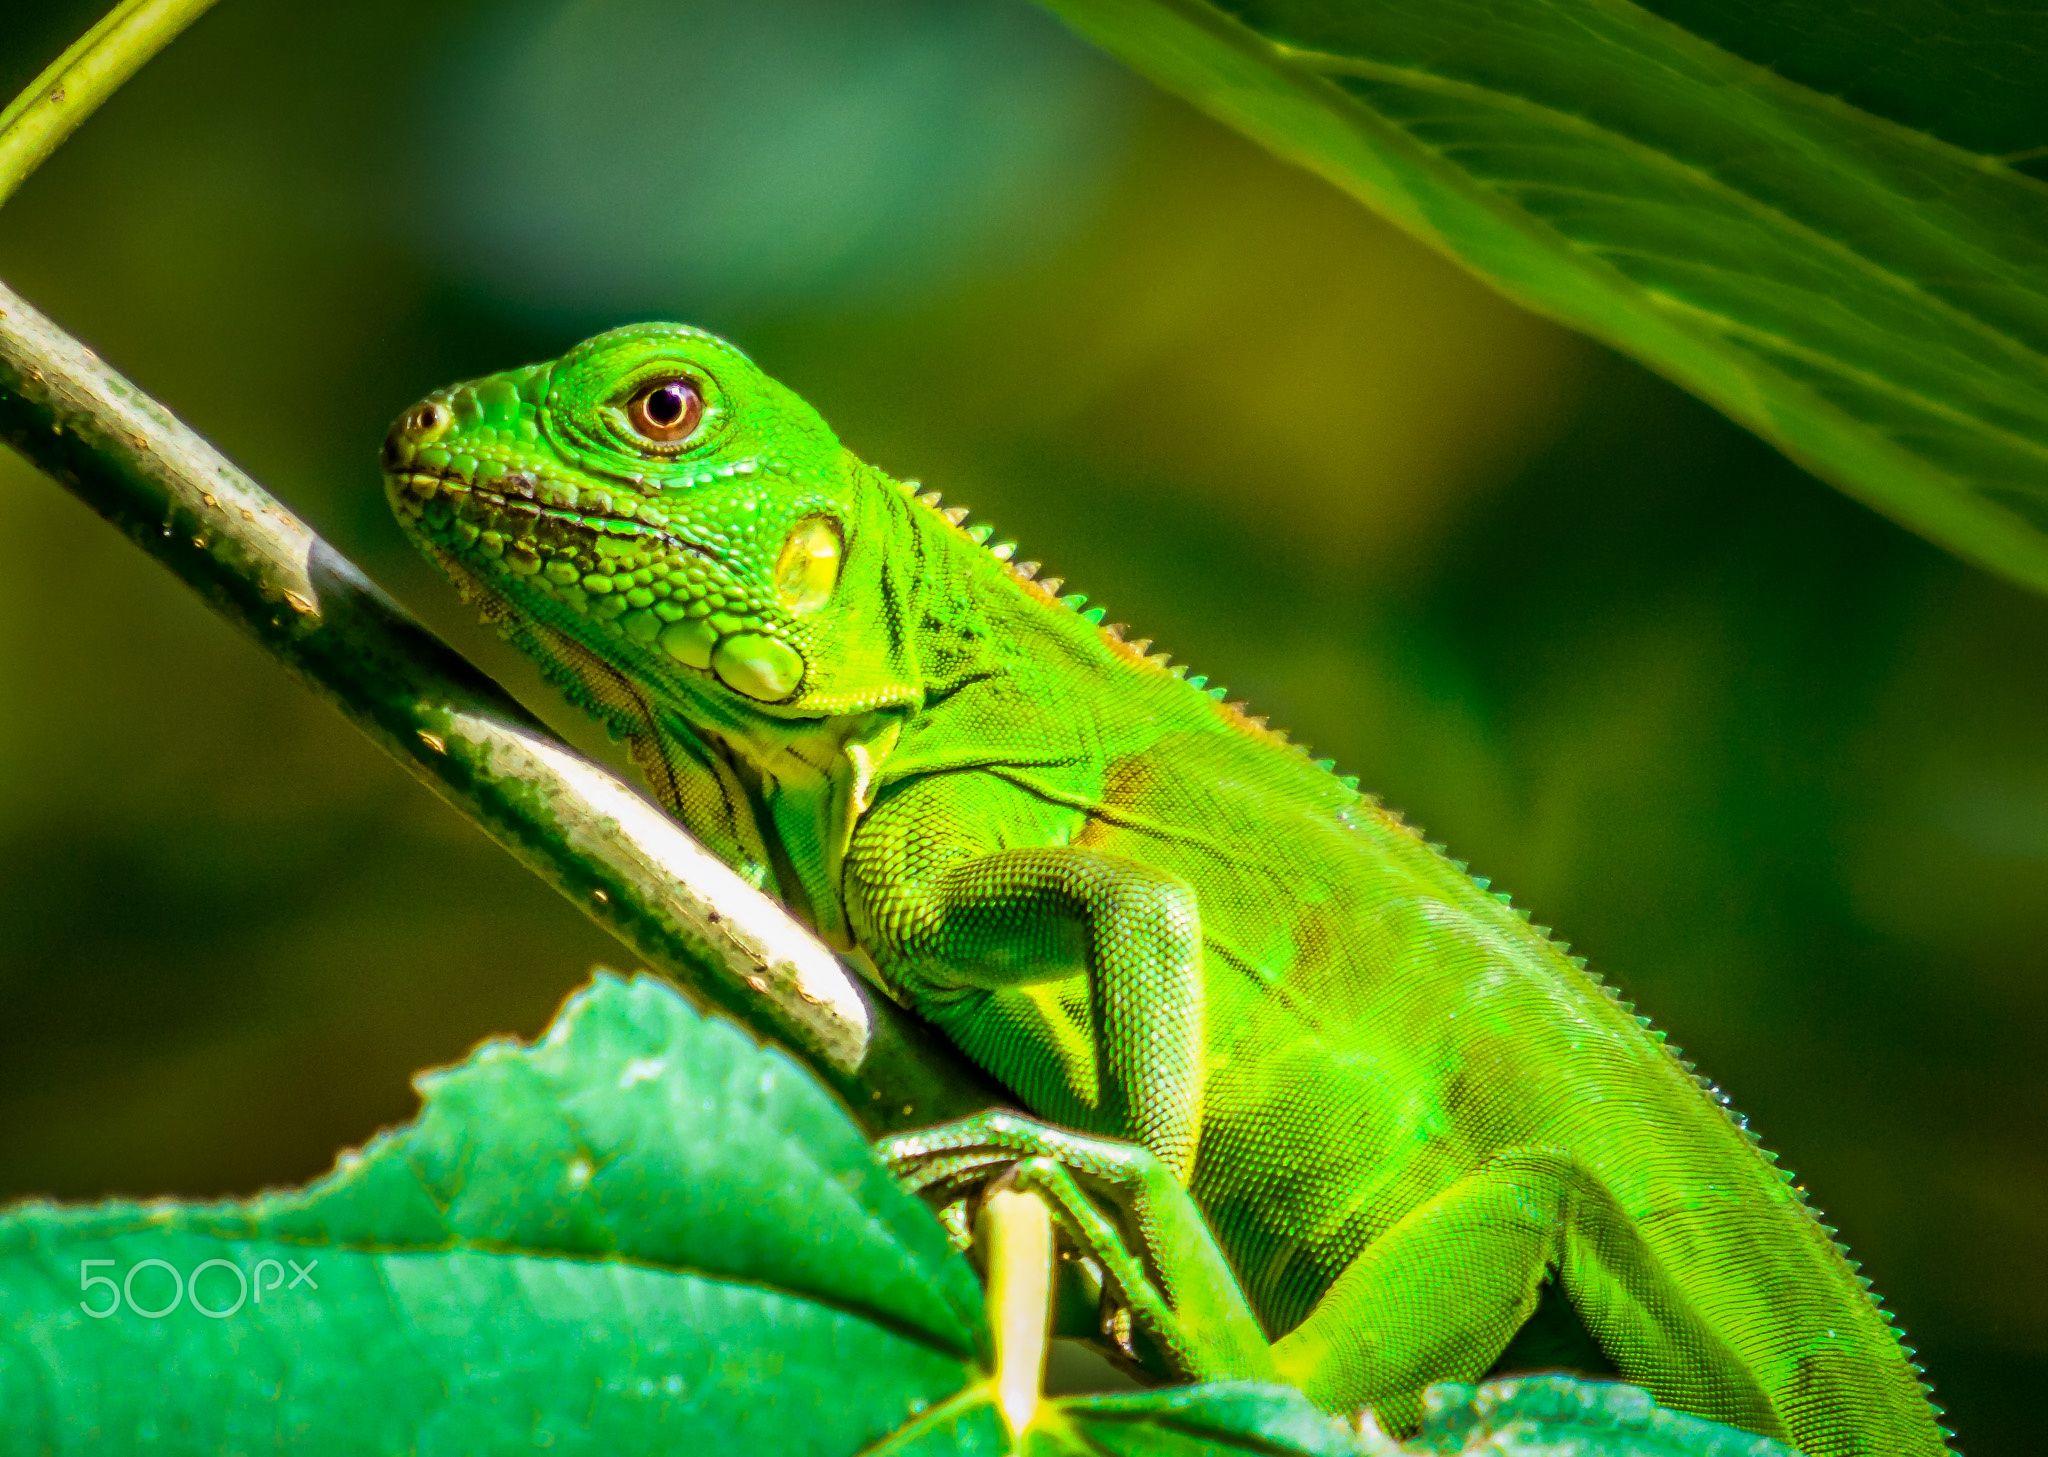 Iguana - Iguana iguana, popularmente conhecida como iguana-verde, iguana-comum, iguana, iguano, sinimbu, camaleão, cambaleão, cameleão, papa-vento, senembi, senembu ou tijibu, é uma espécie de réptil da família Iguanidae.